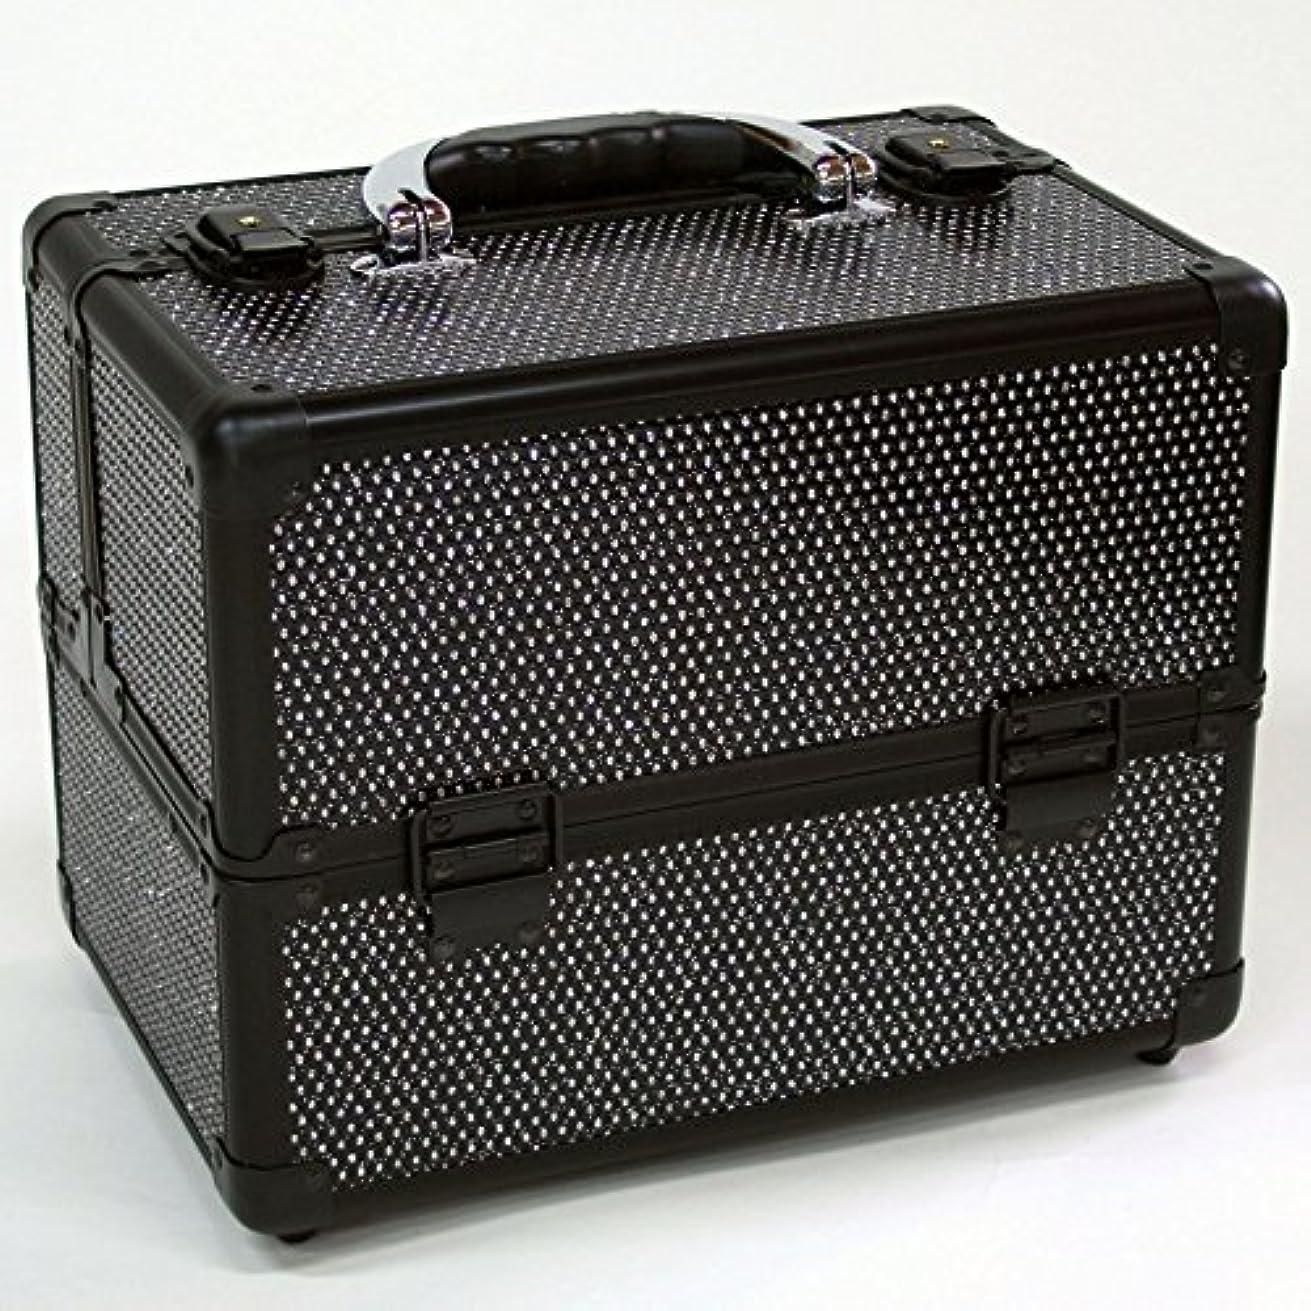 添付ヘリコプタープログラムメイクボックス|D2671K-2|軽量タイプ|コスメボックス 化粧箱 メイクアップボックス|Make box MAKE UP BOX (ブラック)